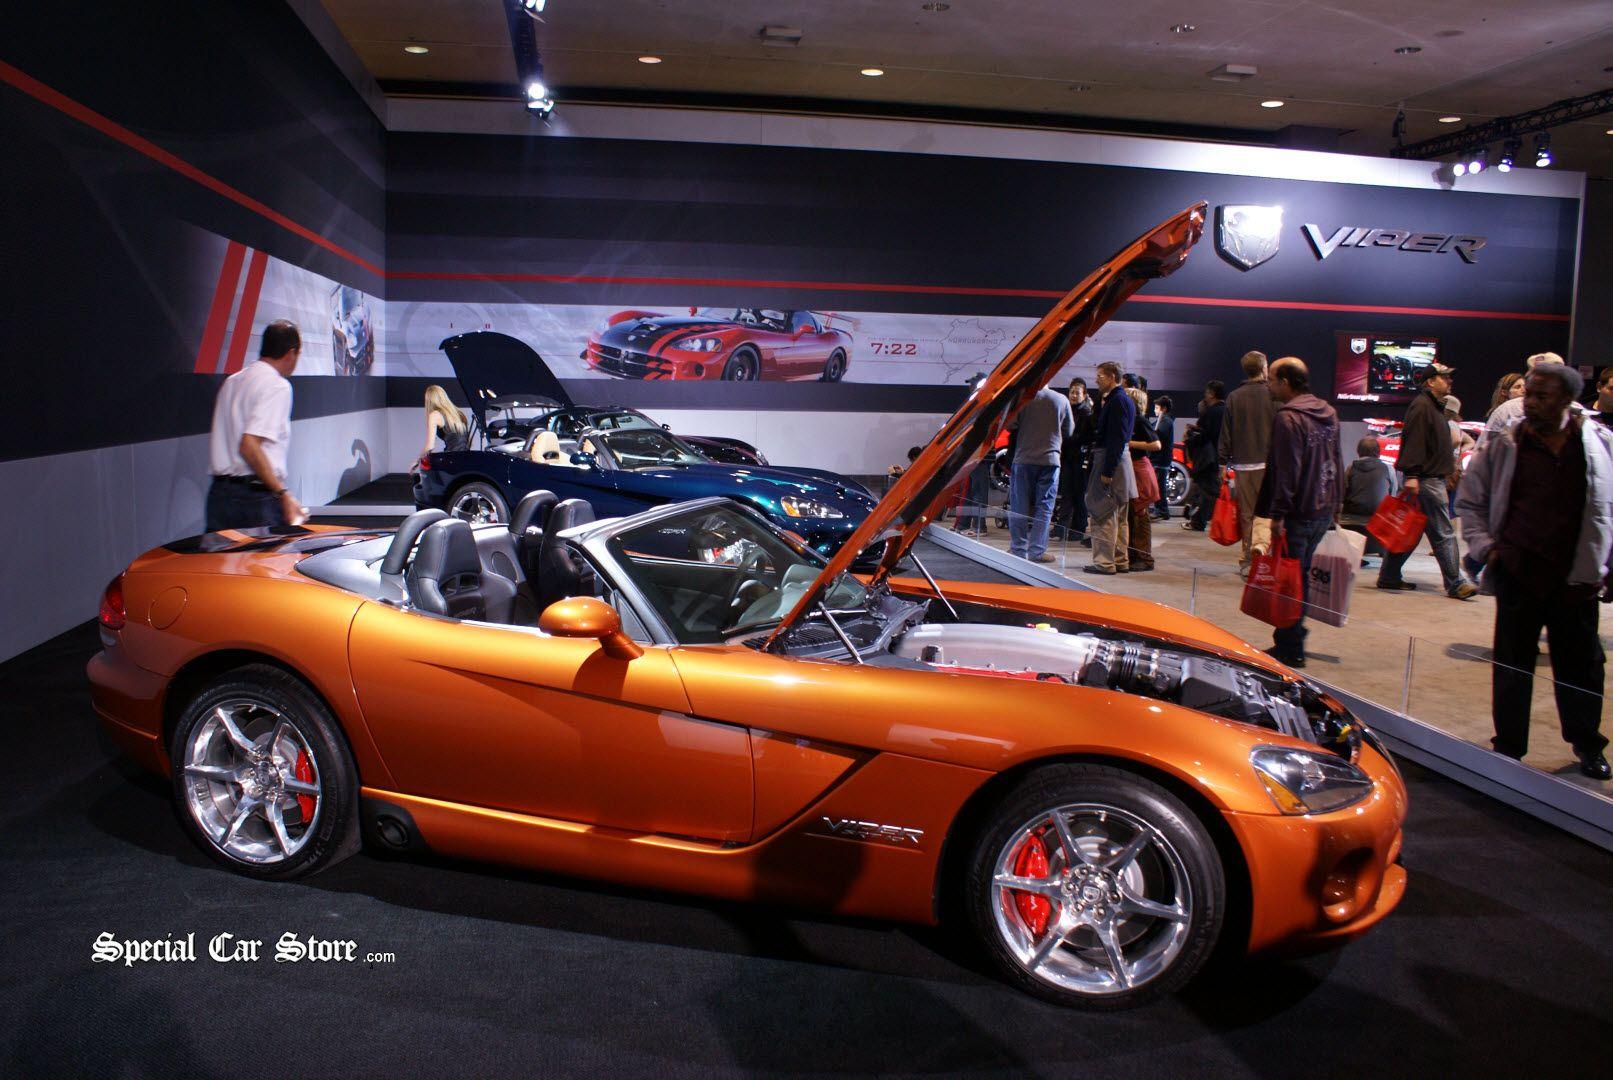 2010 Viper SRT10 Roadster LA Auto Show 2009 & 1 of 10